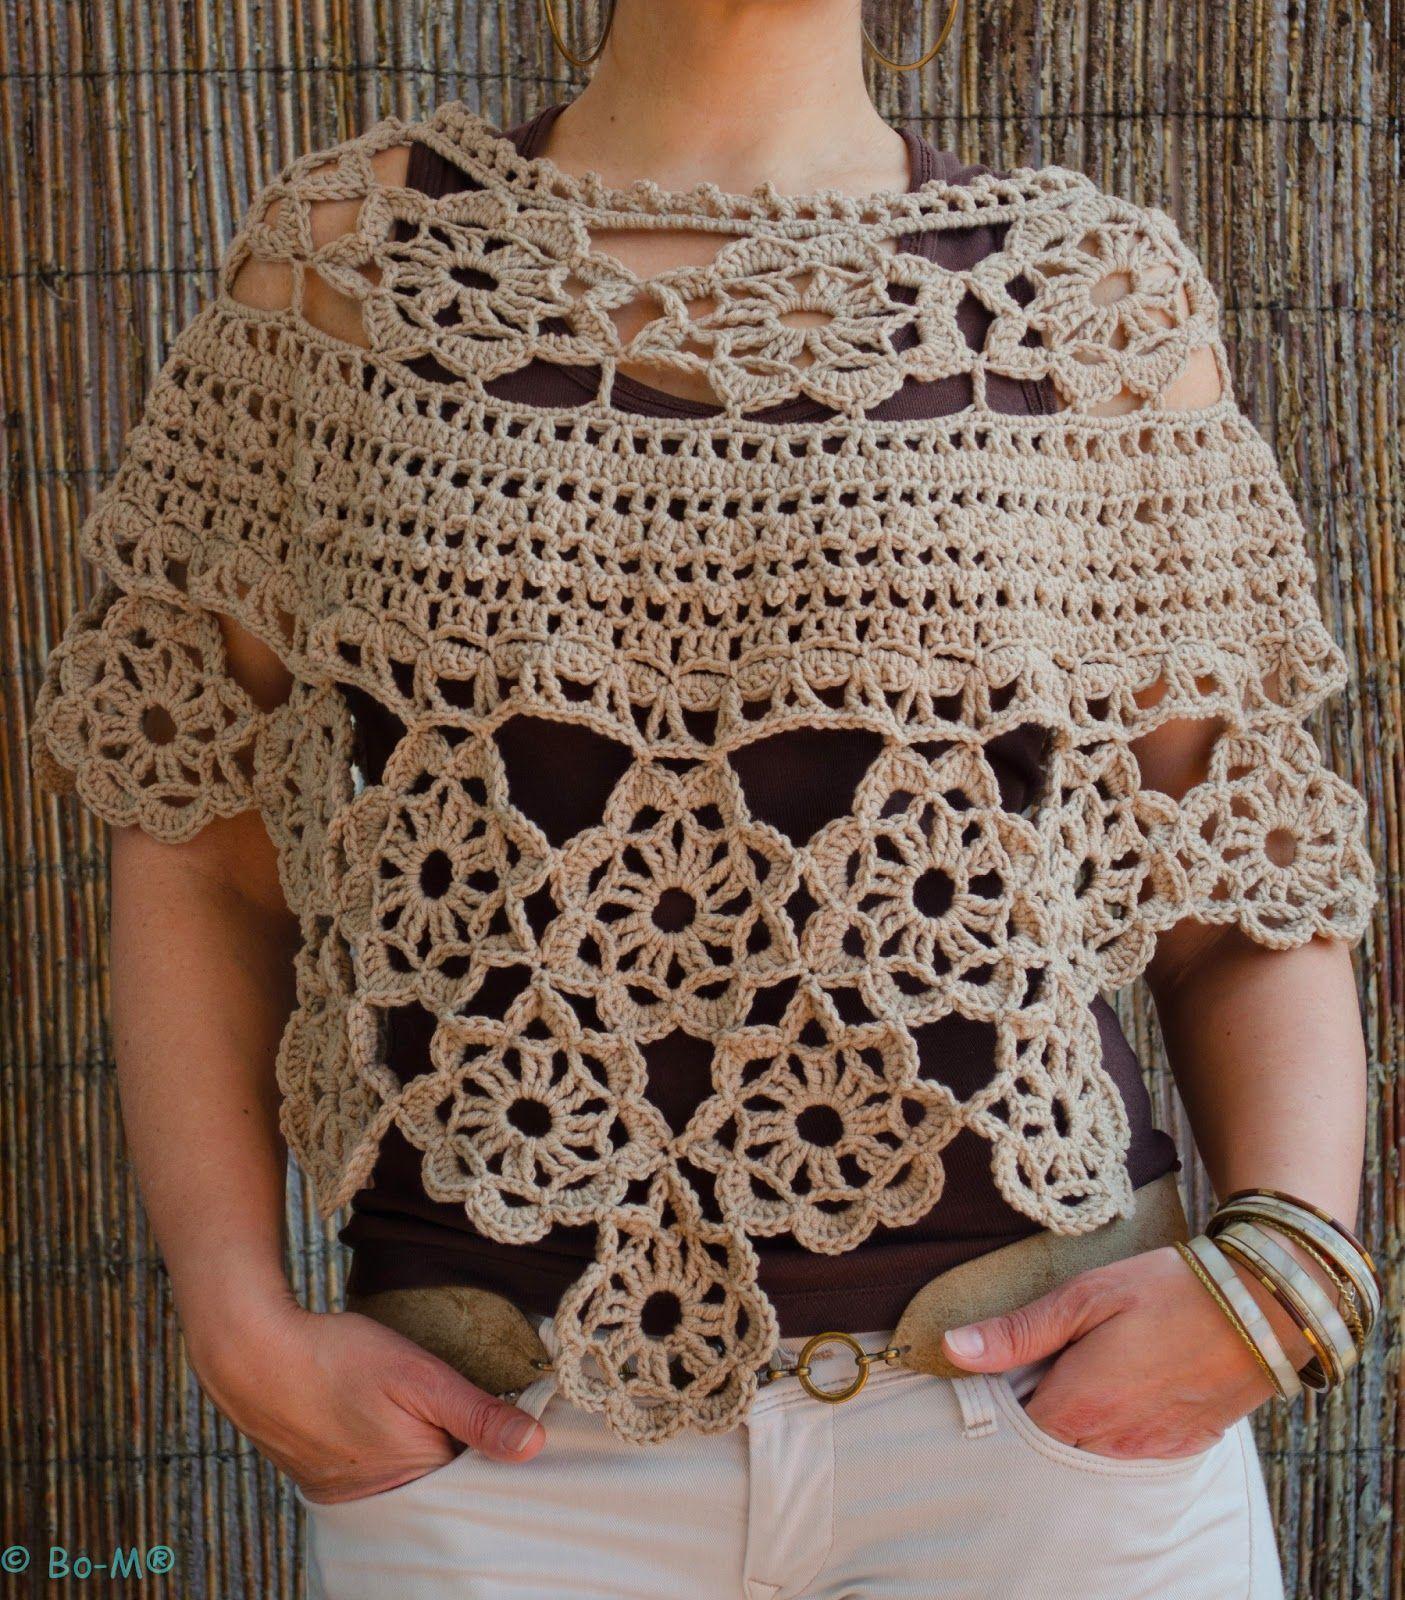 Capa Aponchada Feita Mo Em Crochet 3500 Pinterest Trippy Hippy Afghan Pattern Kingdom Ponchos Knitted Shawls